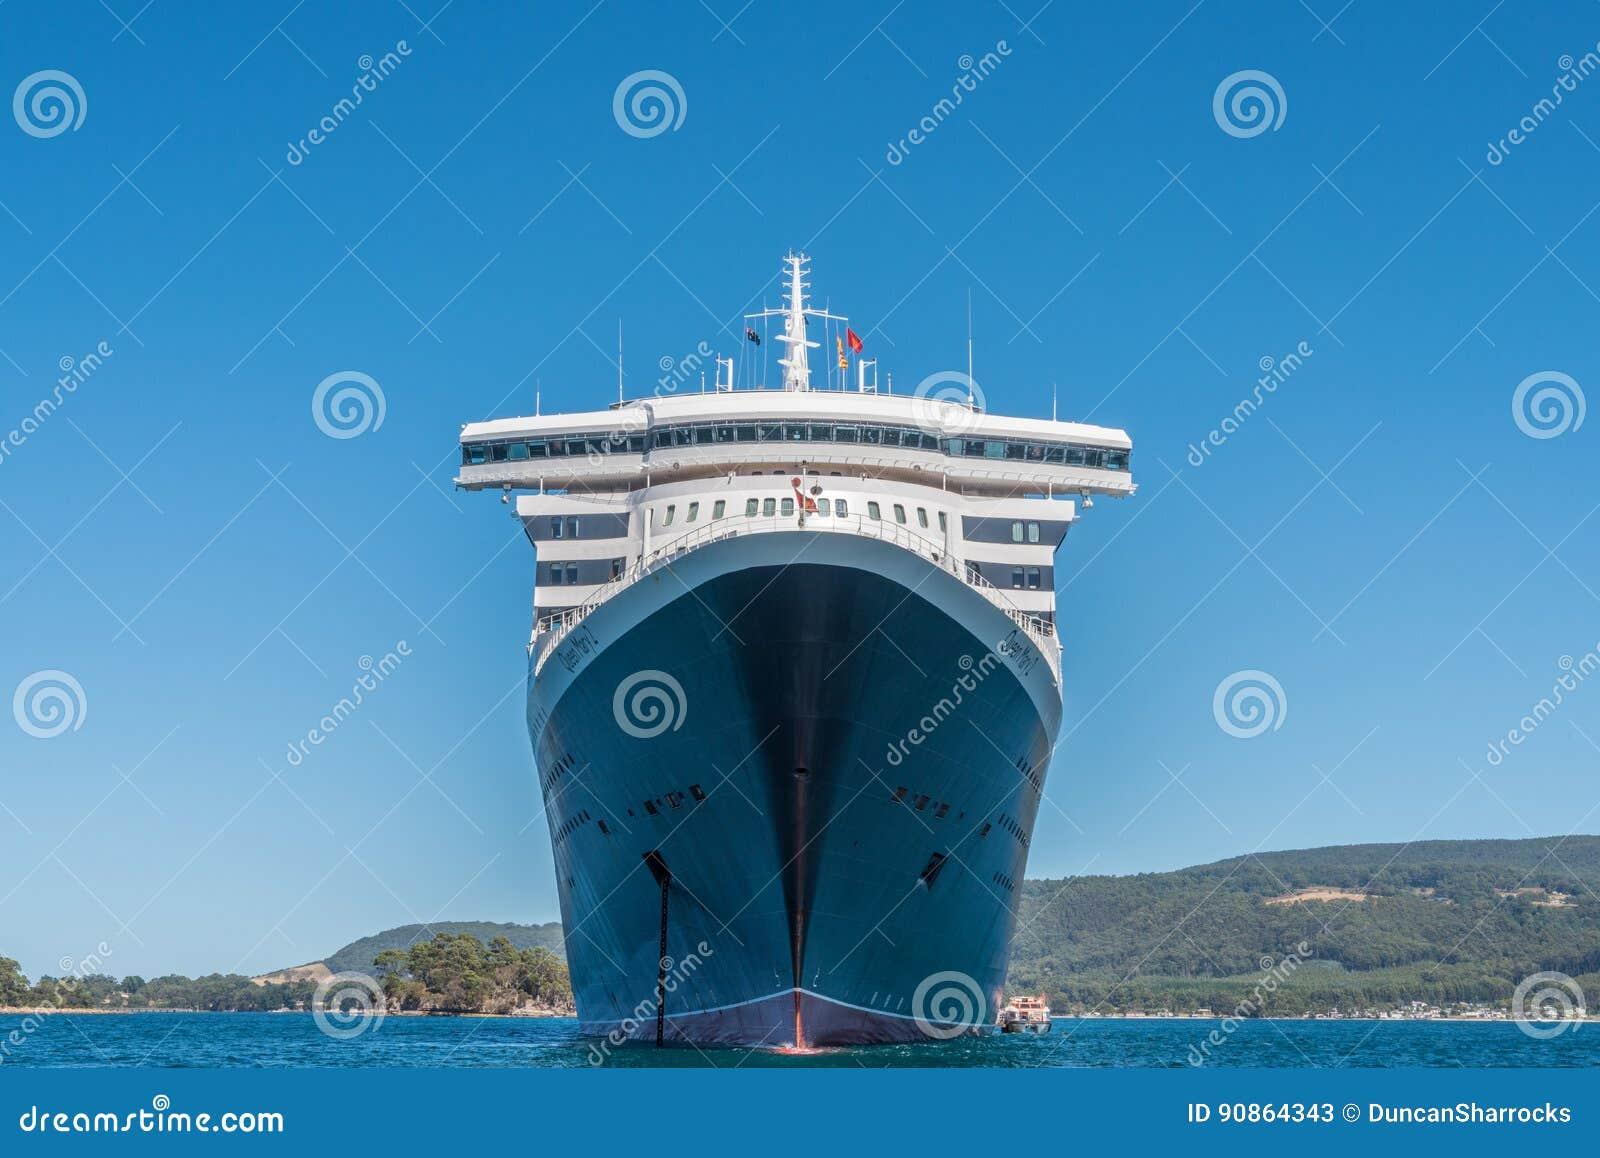 RMS Queen Mary 2 en el ancla, Port Arthur, Tasmania